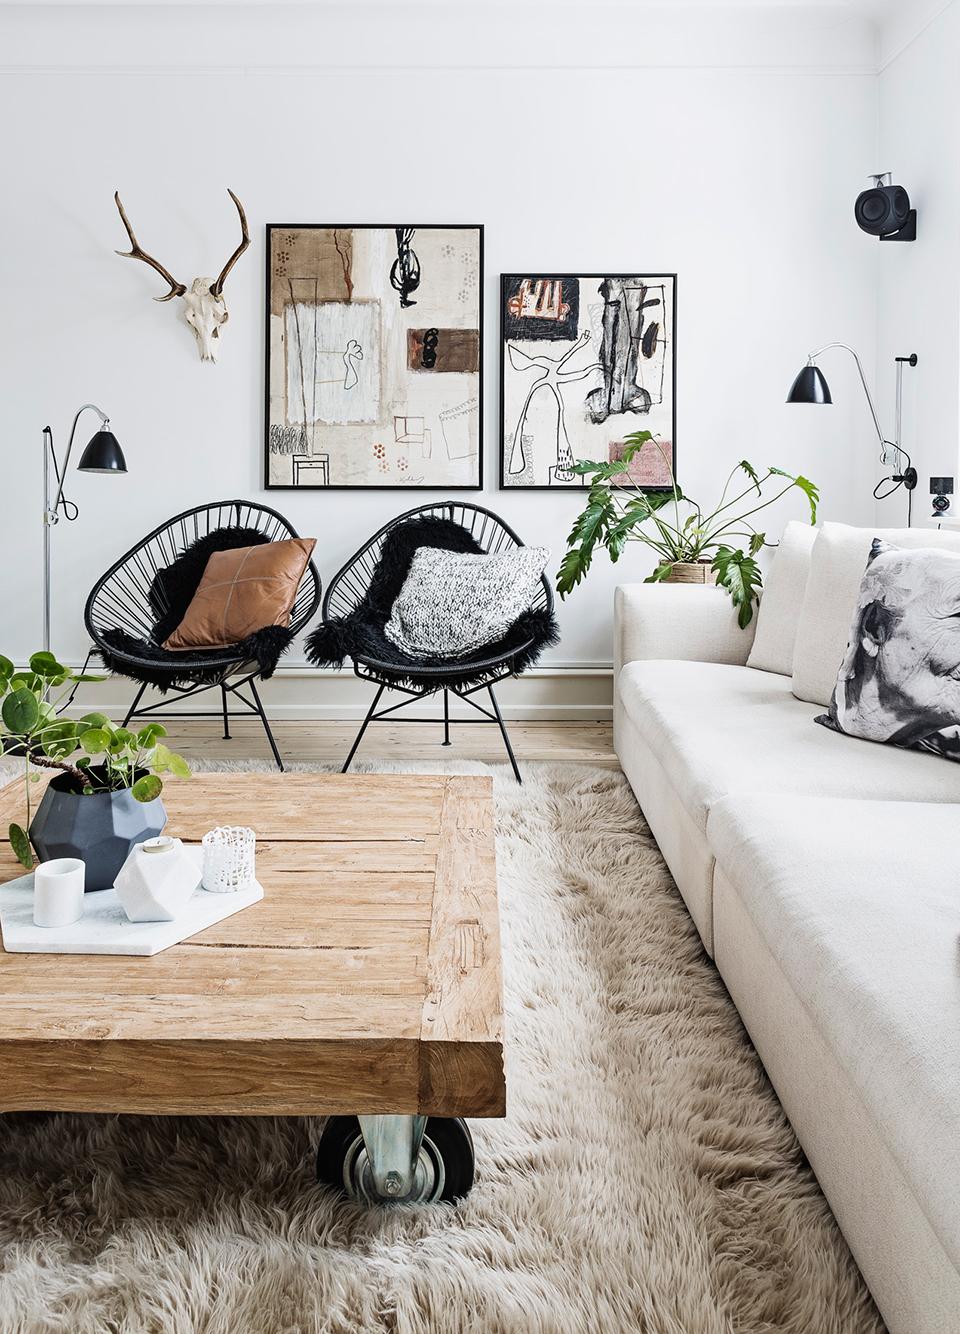 cadeira-acapulco-50-vime-area-externa-10